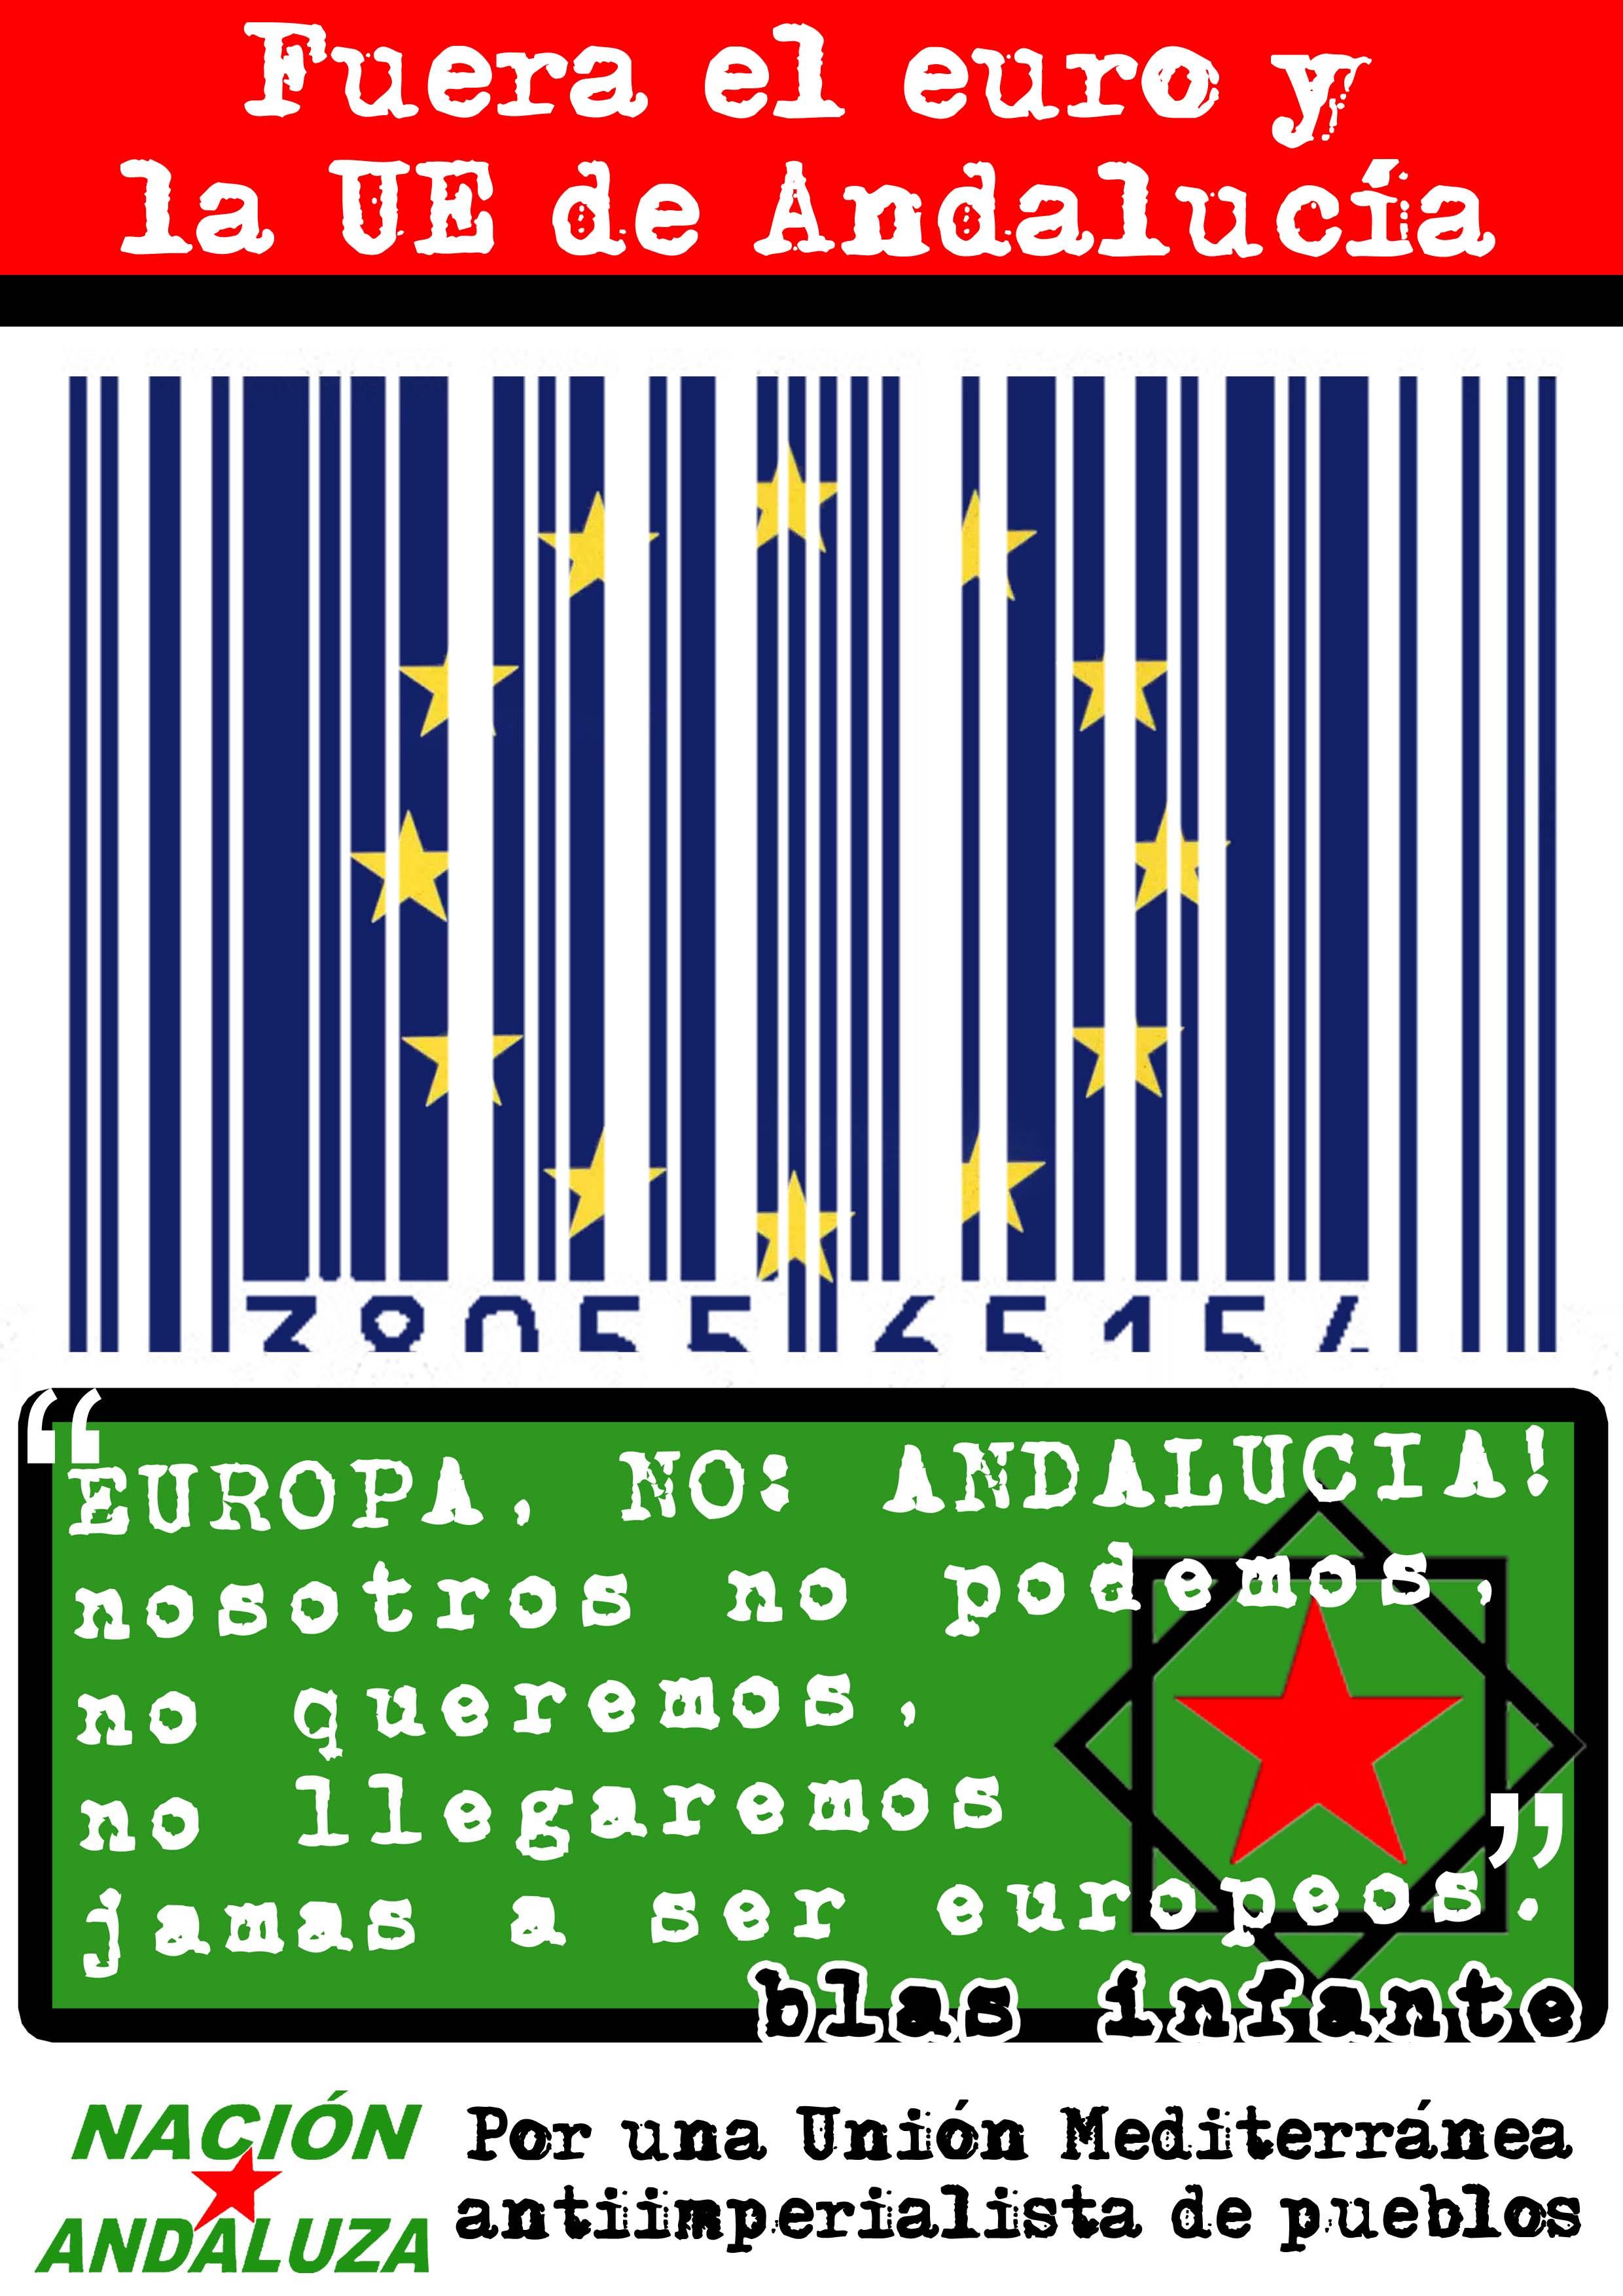 Nación Andaluza ante las elecciones europeas del 26M. EUROPA, NO: ANDALUCÍA. CONTRA LA EUROPA DEL CAPITAL, ABSTENCIÓN POPULAR